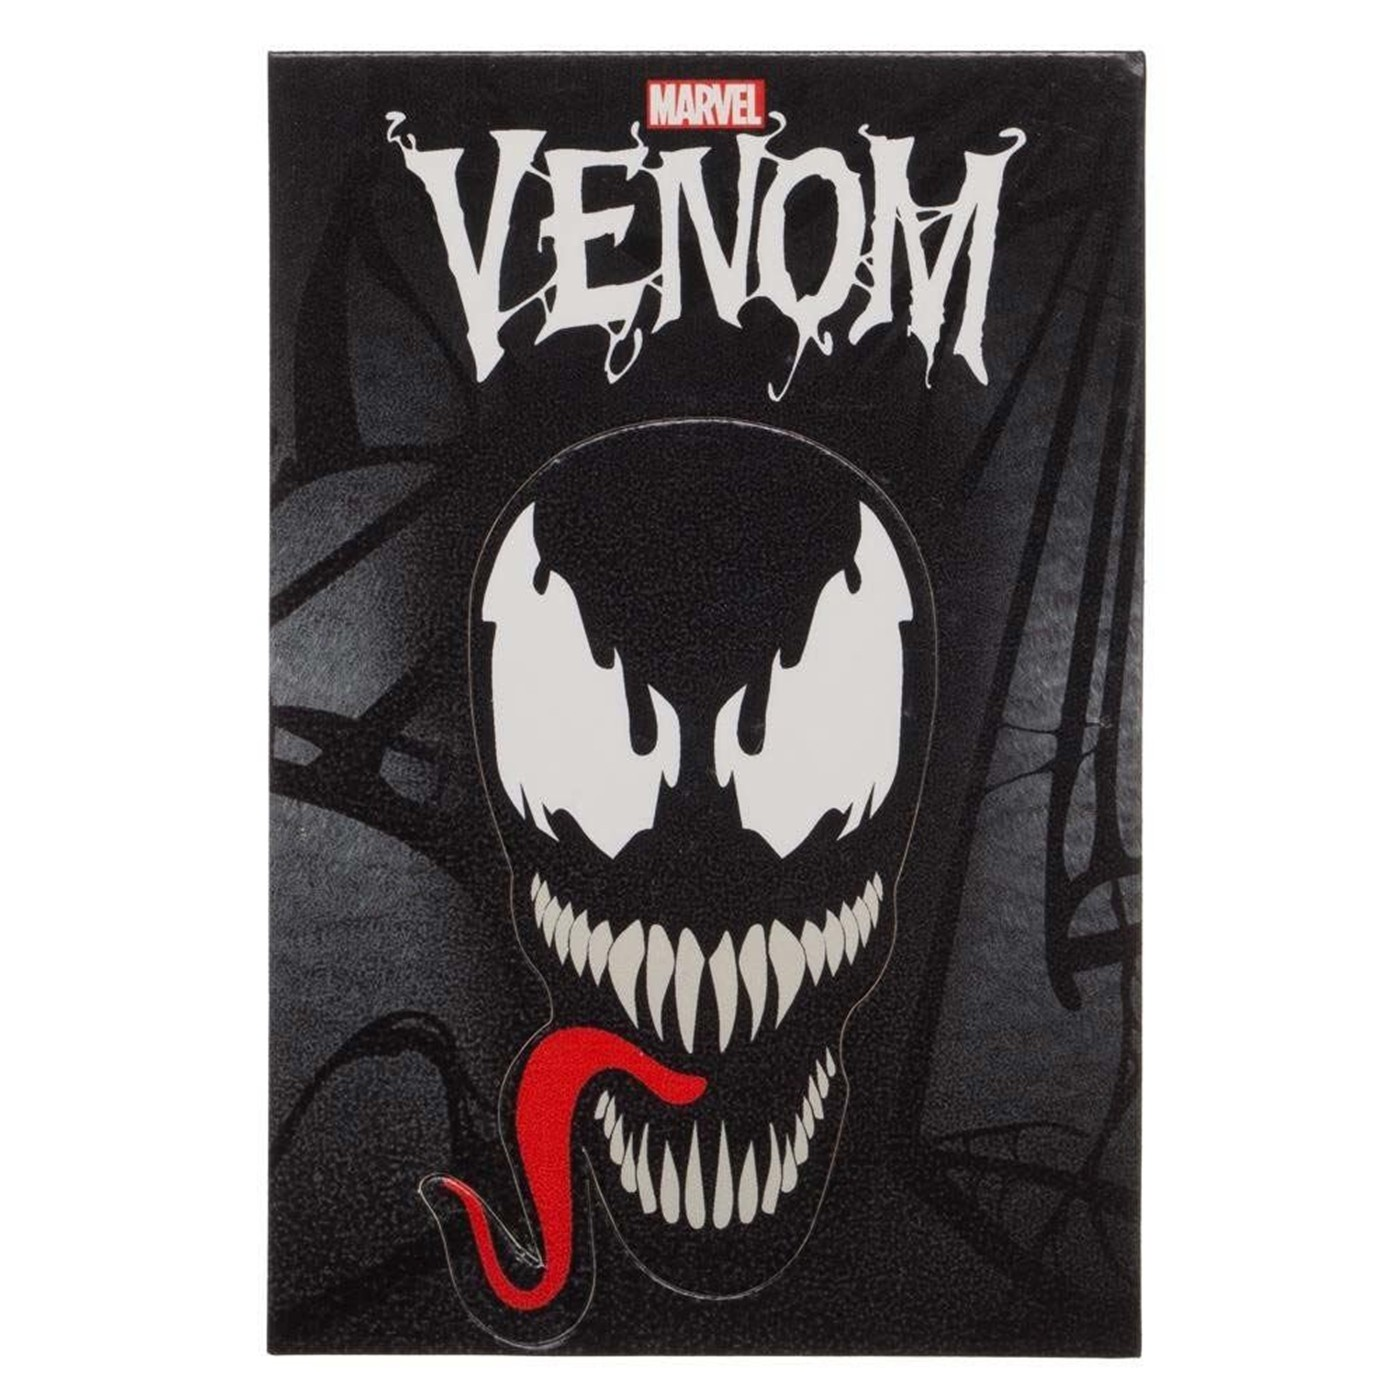 Venom Lanyard